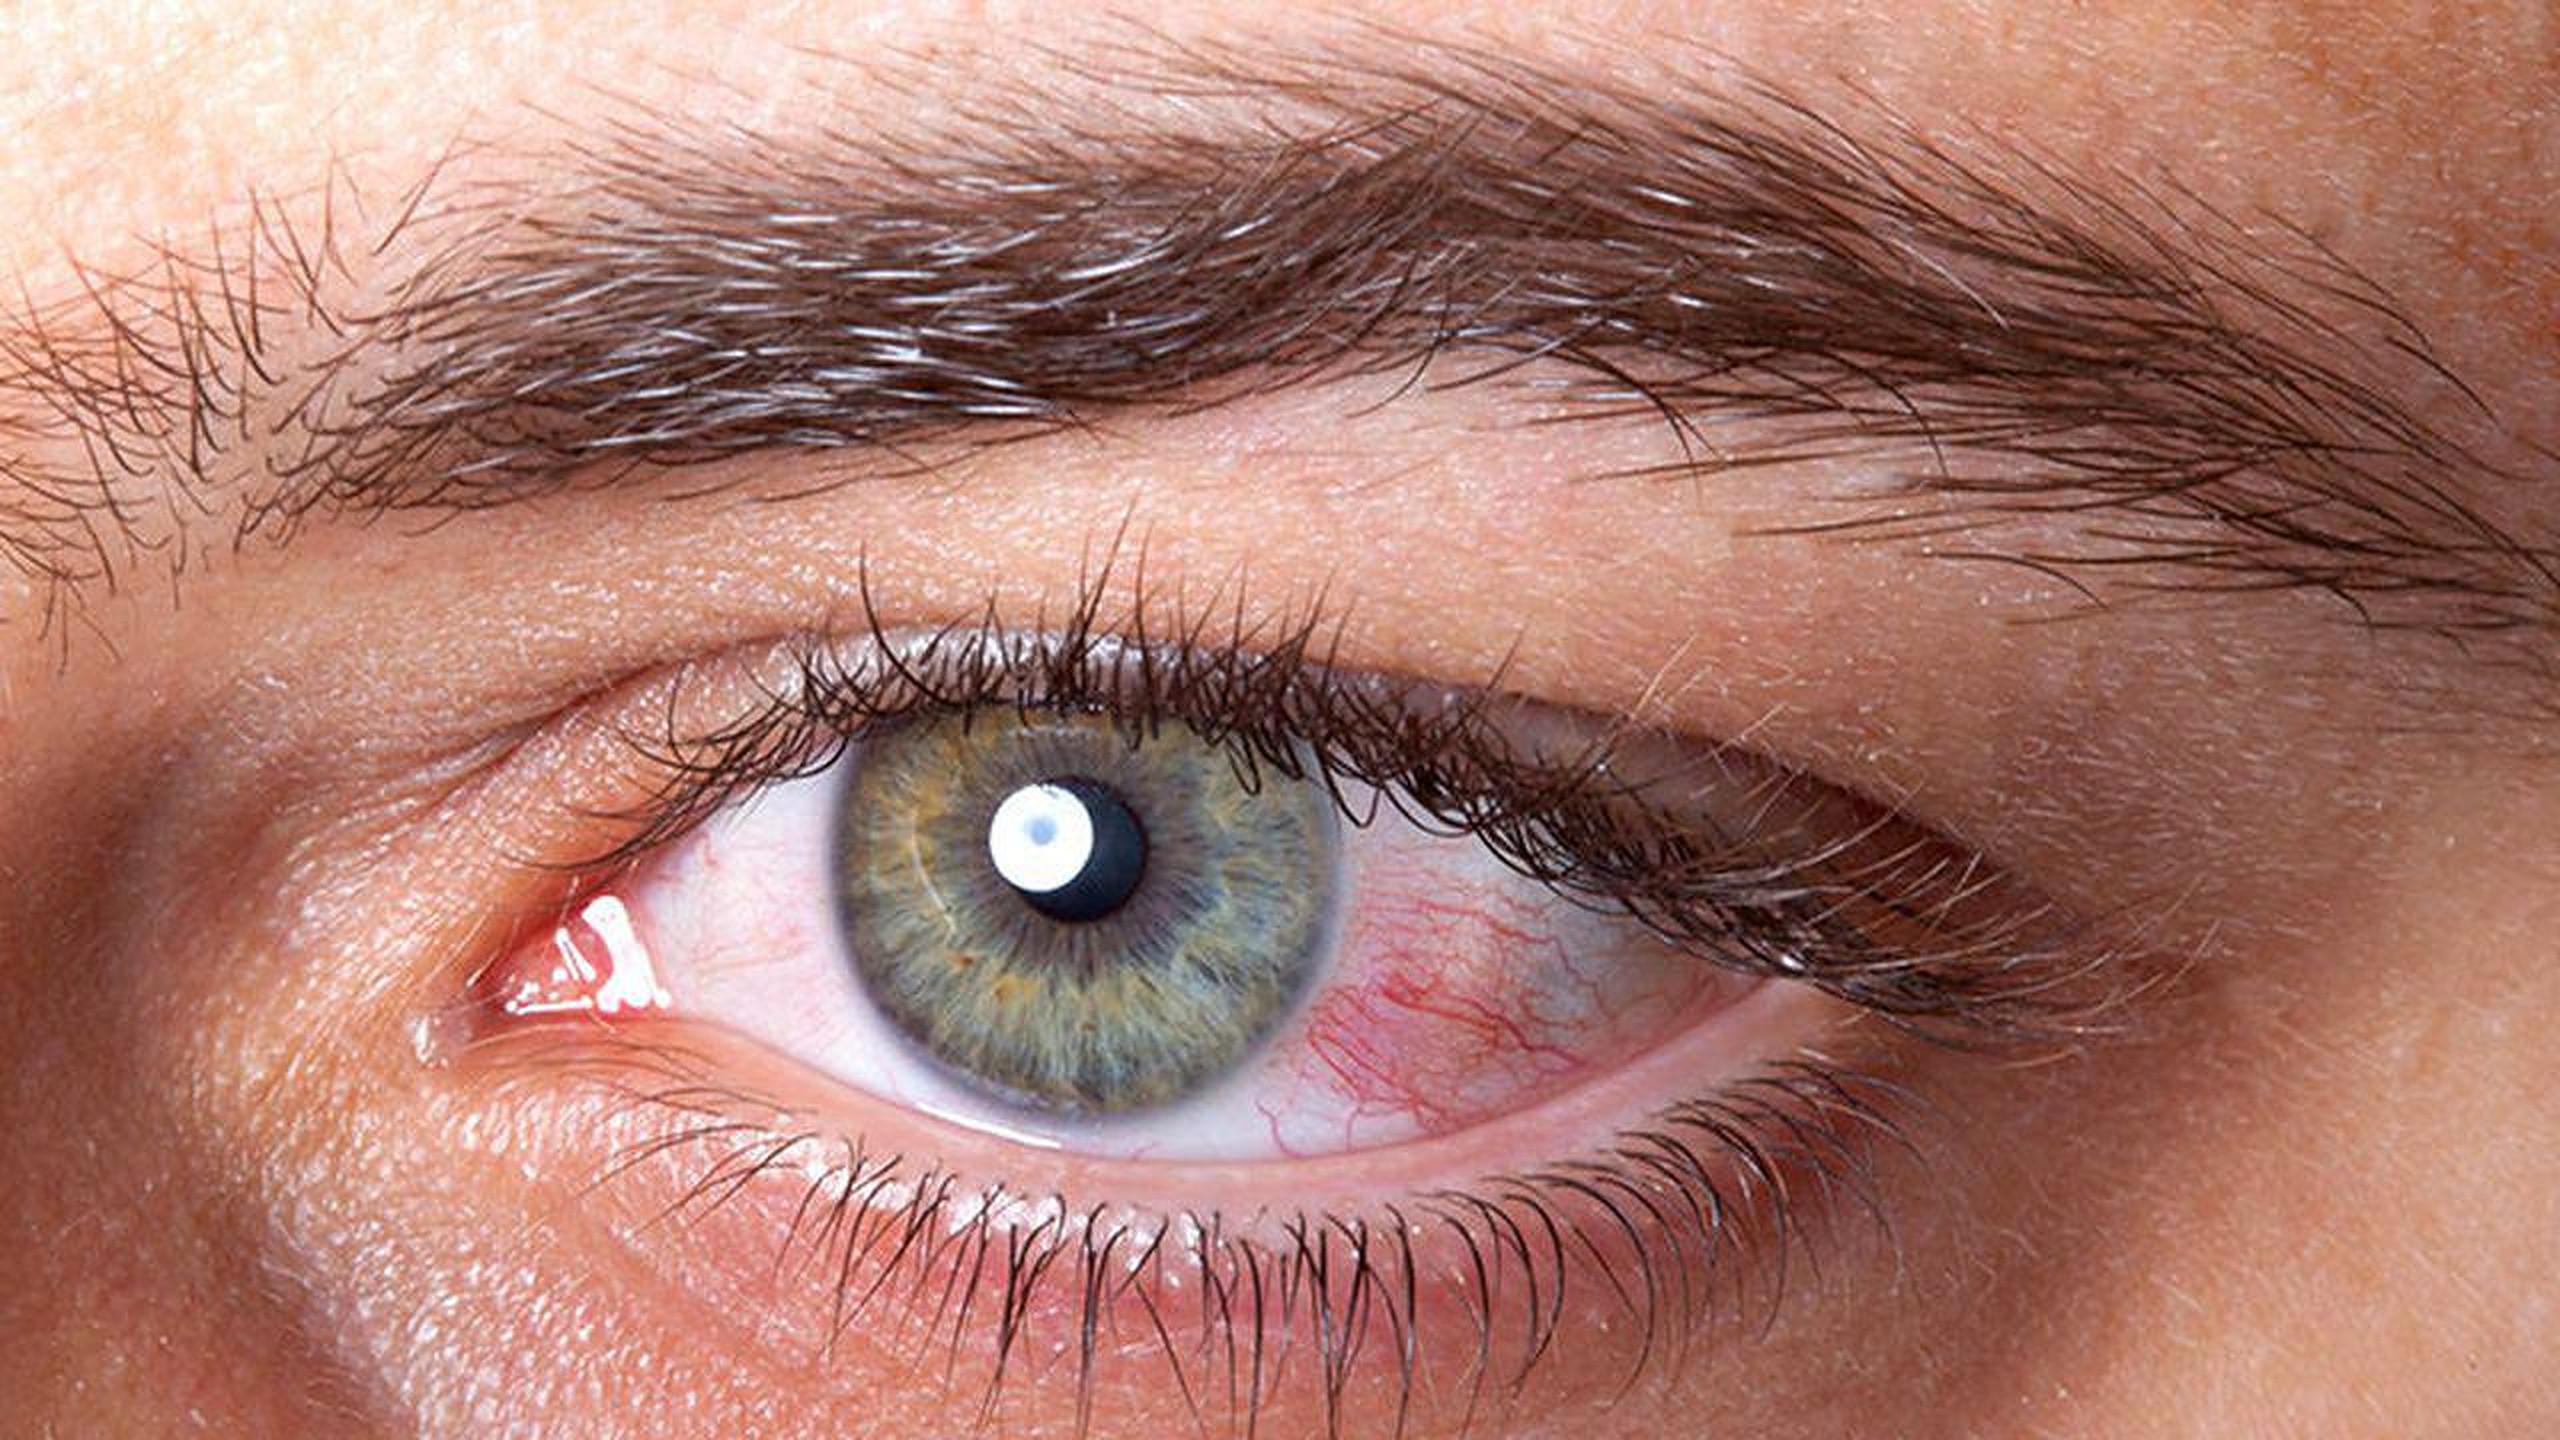 Modificările neobișnuite ale ochilor pot fi indicii ale unor posibile probleme cardiace